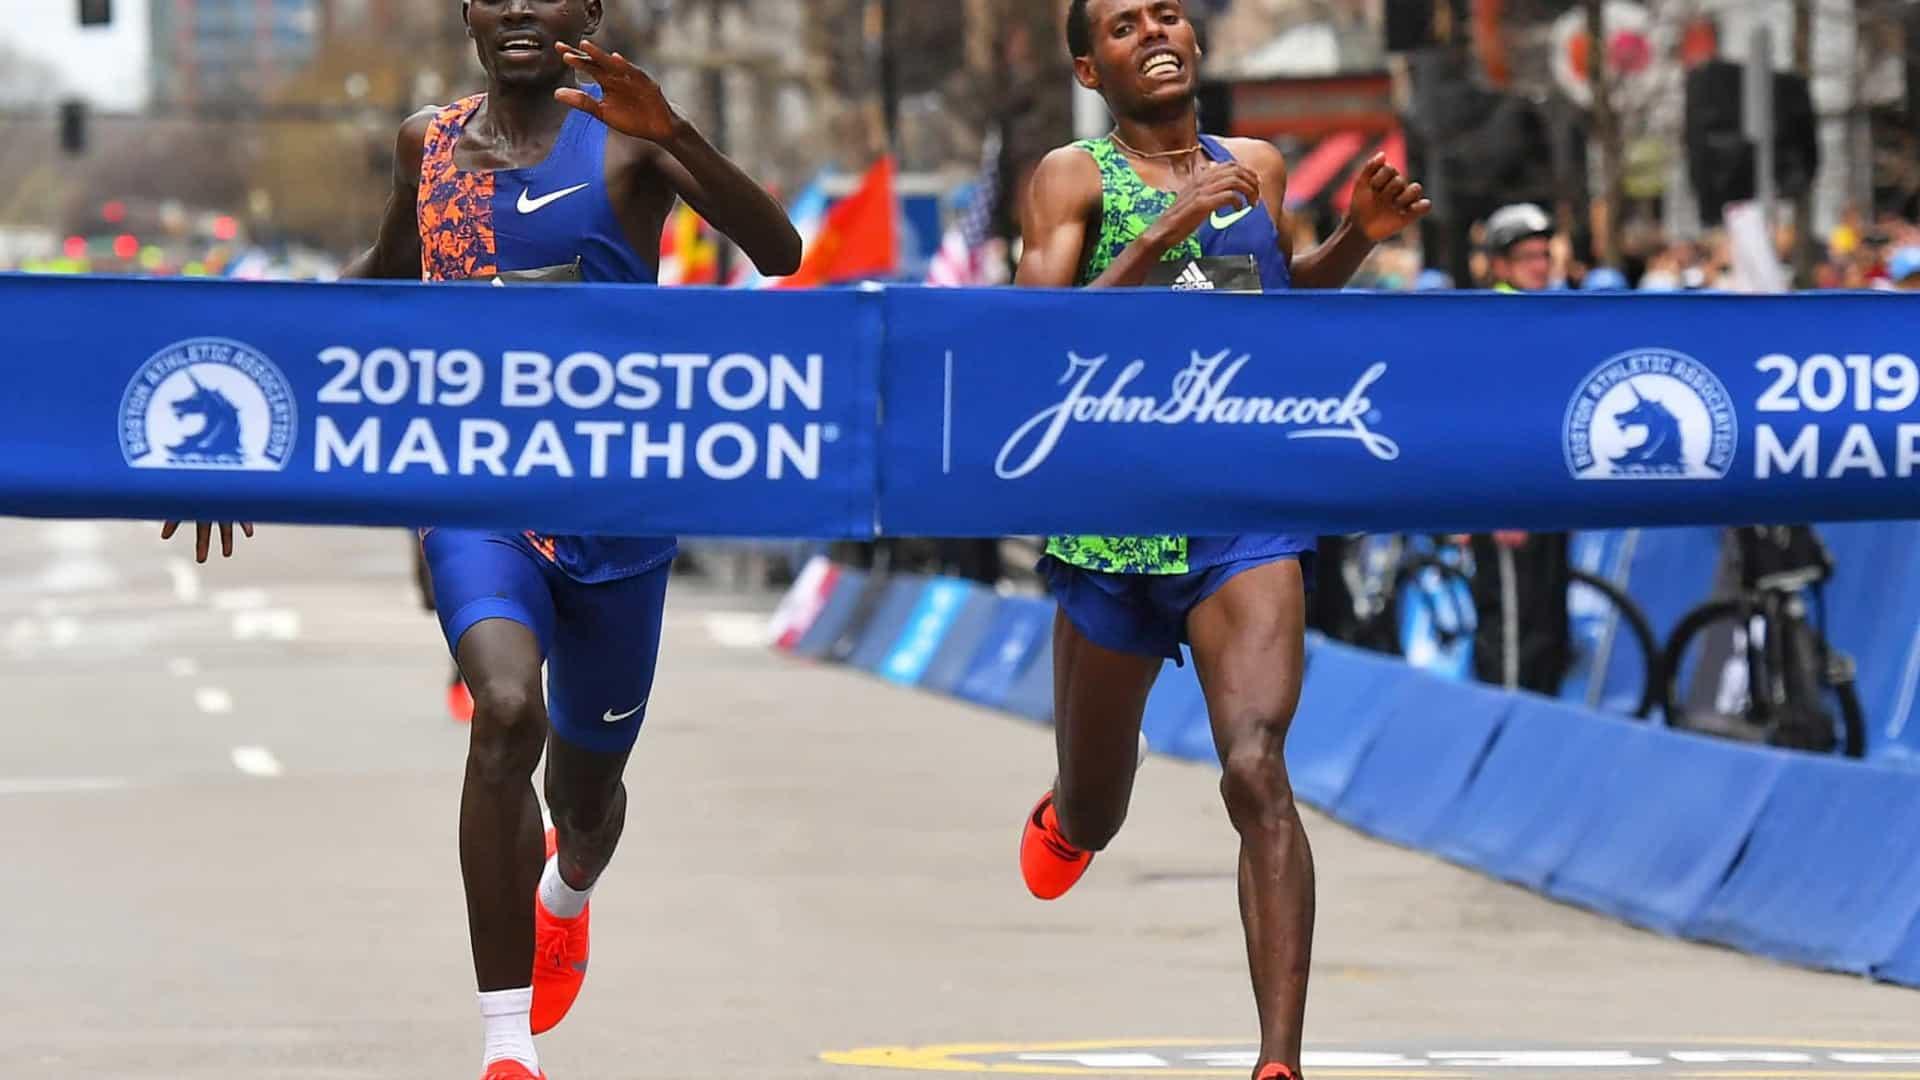 naom 5ed0dbe8d7512 - Maratona de Boston é cancelada pela primeira vez em 124 anos